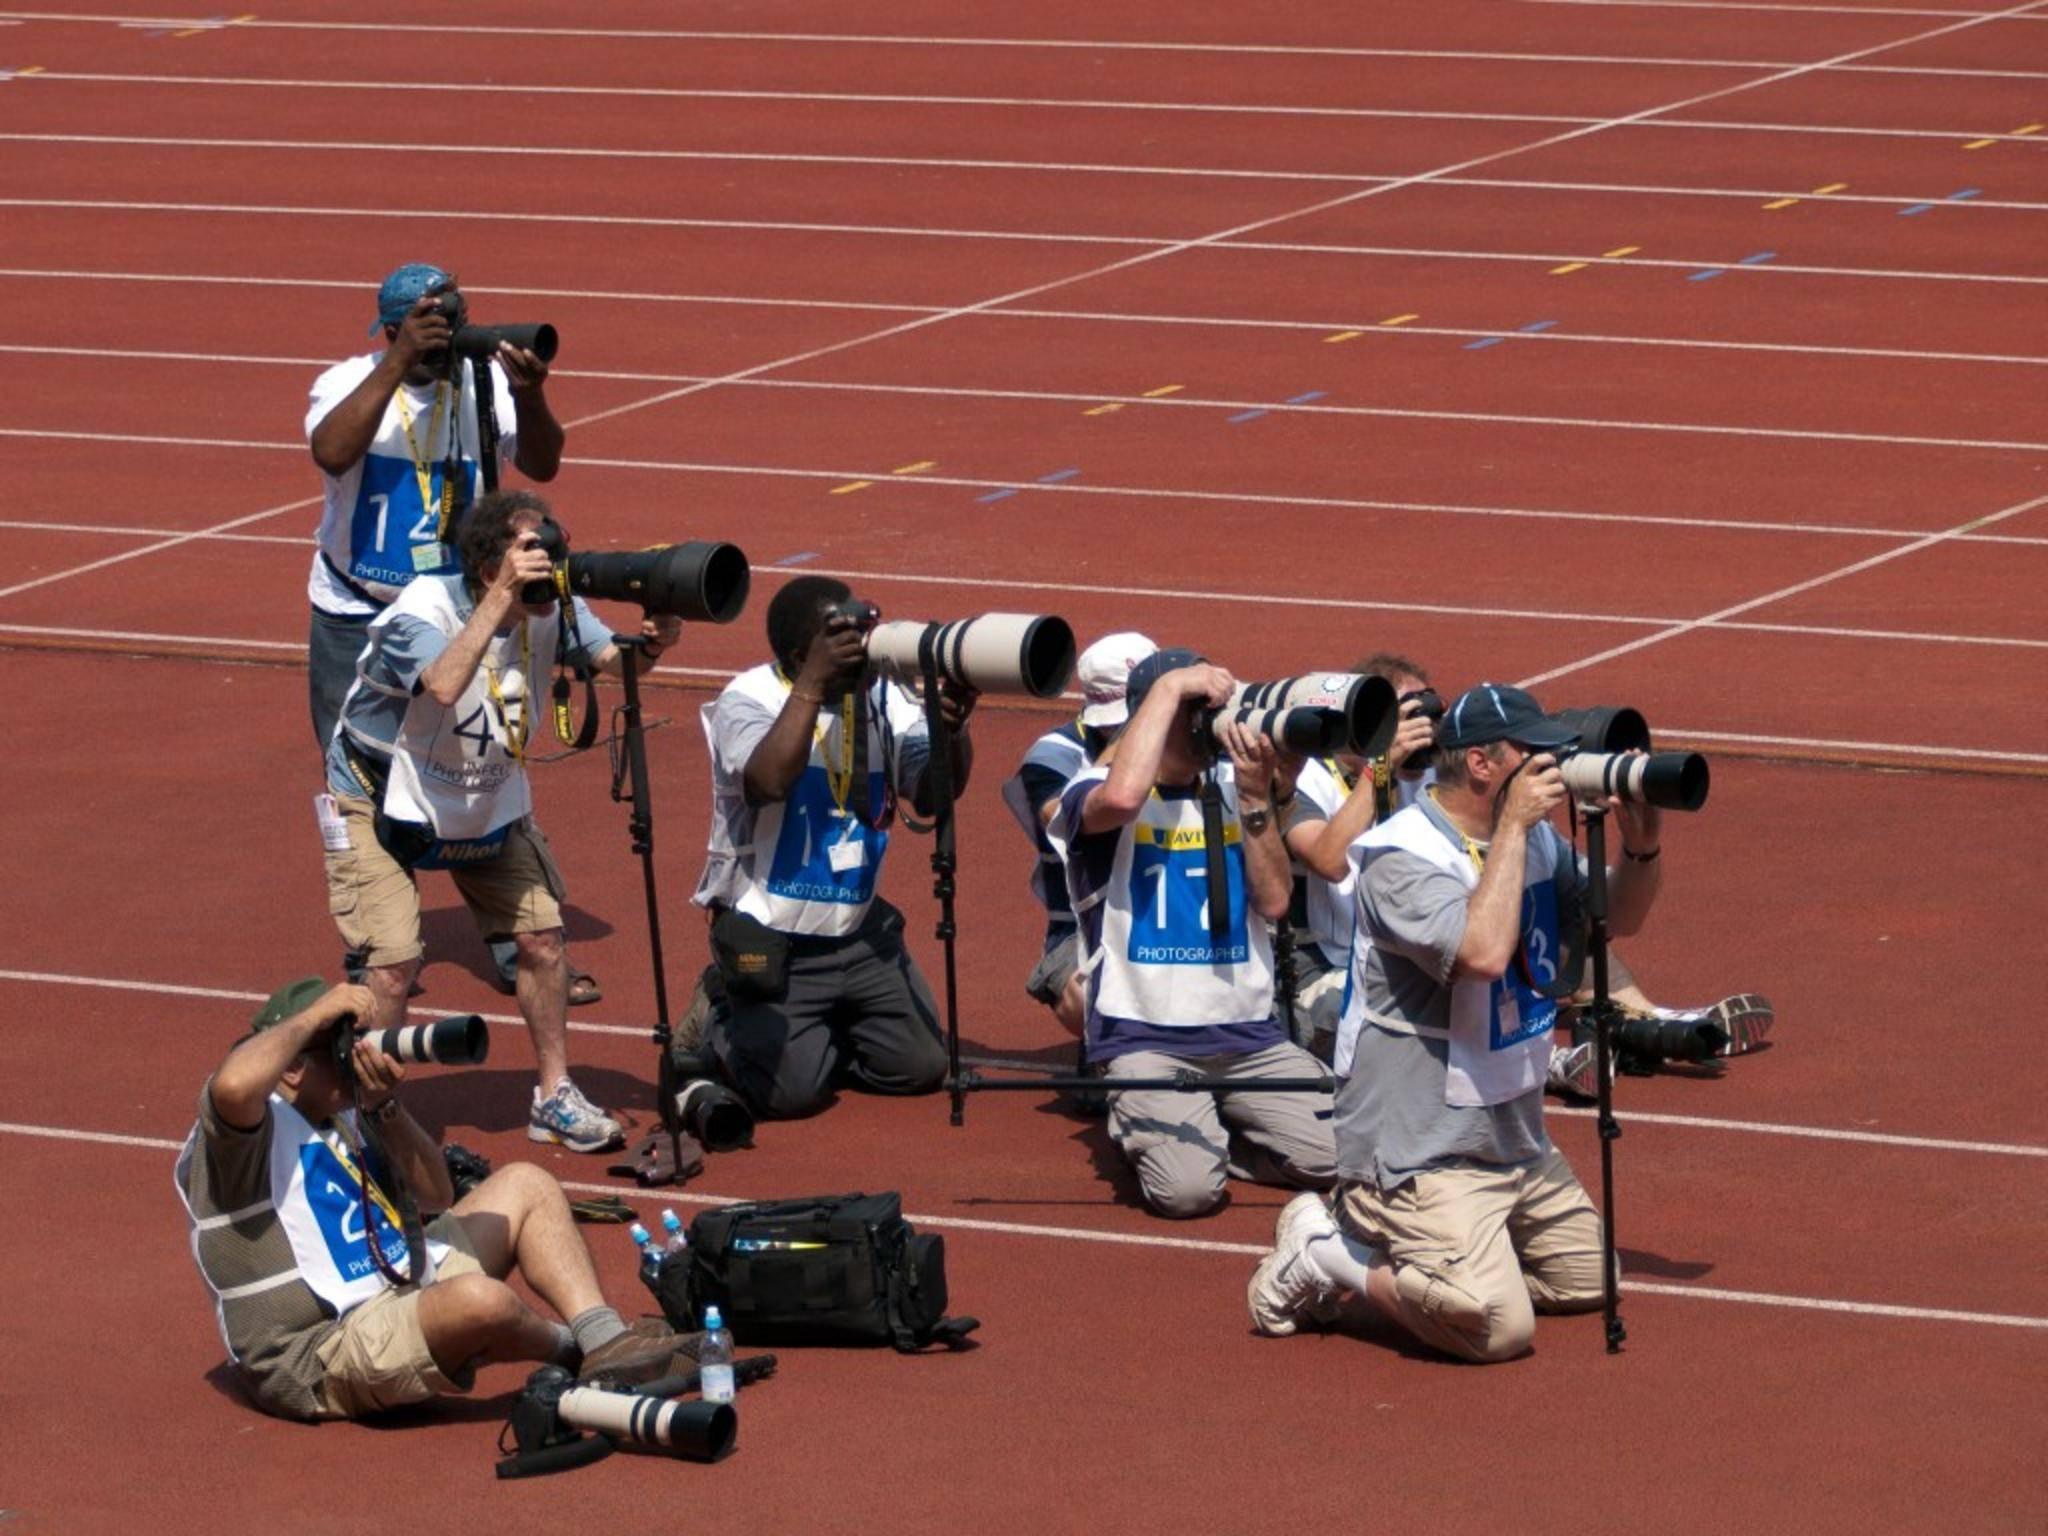 Sportfotografen besitzen beeindruckende Teleobjektive.